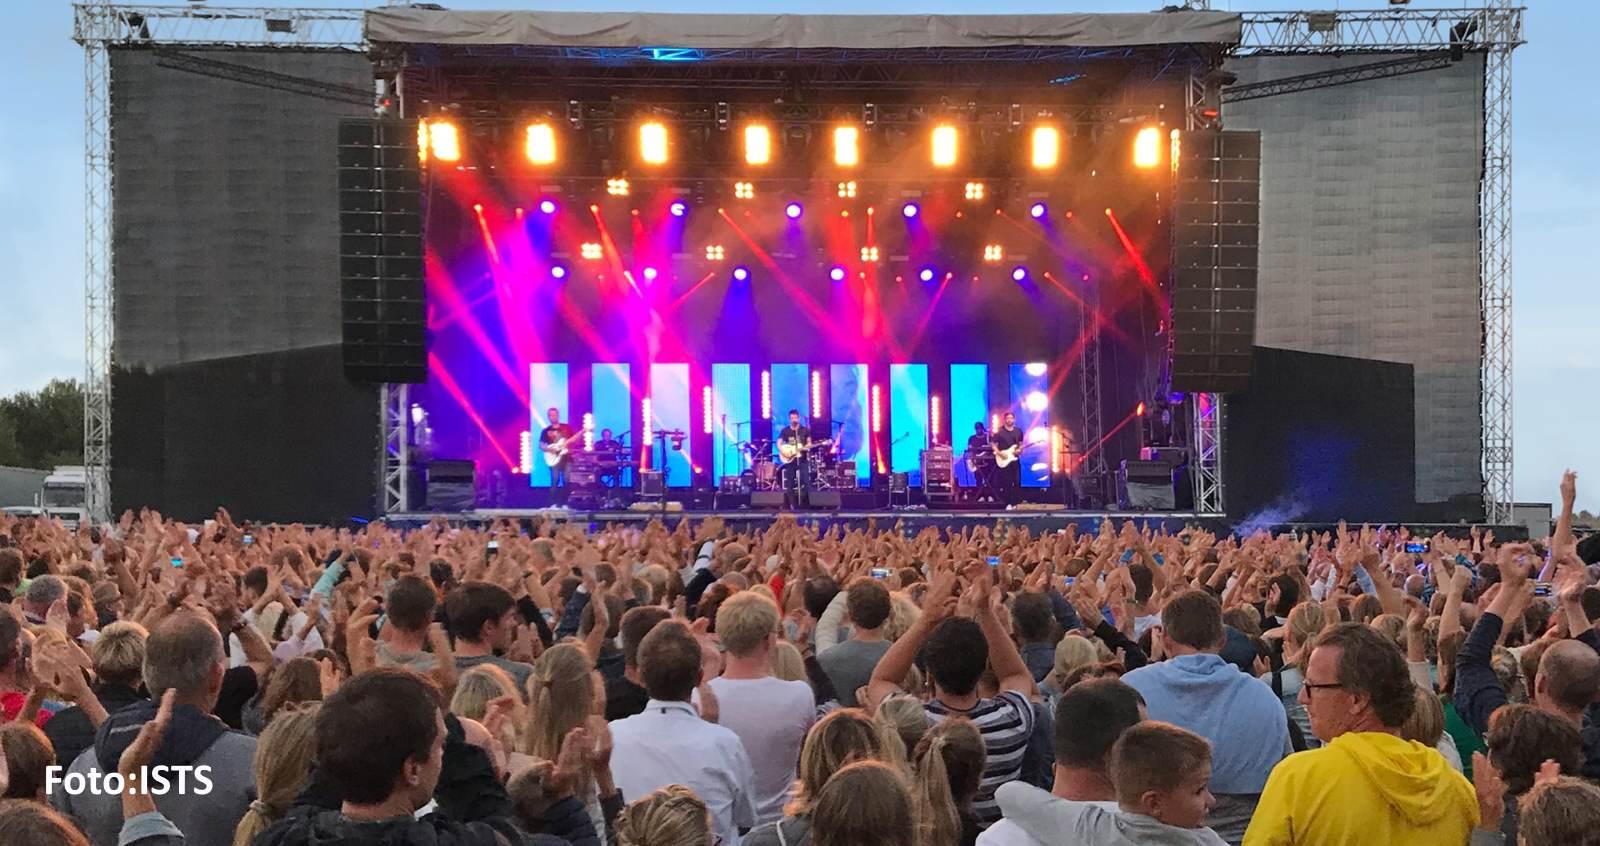 Die erfolgreichen Open Air Konzerte auf Sylt werden fortgesetzt > Sylter Open Air Konzerte  starten 2019 in die zweite Runde | Sylt TV >